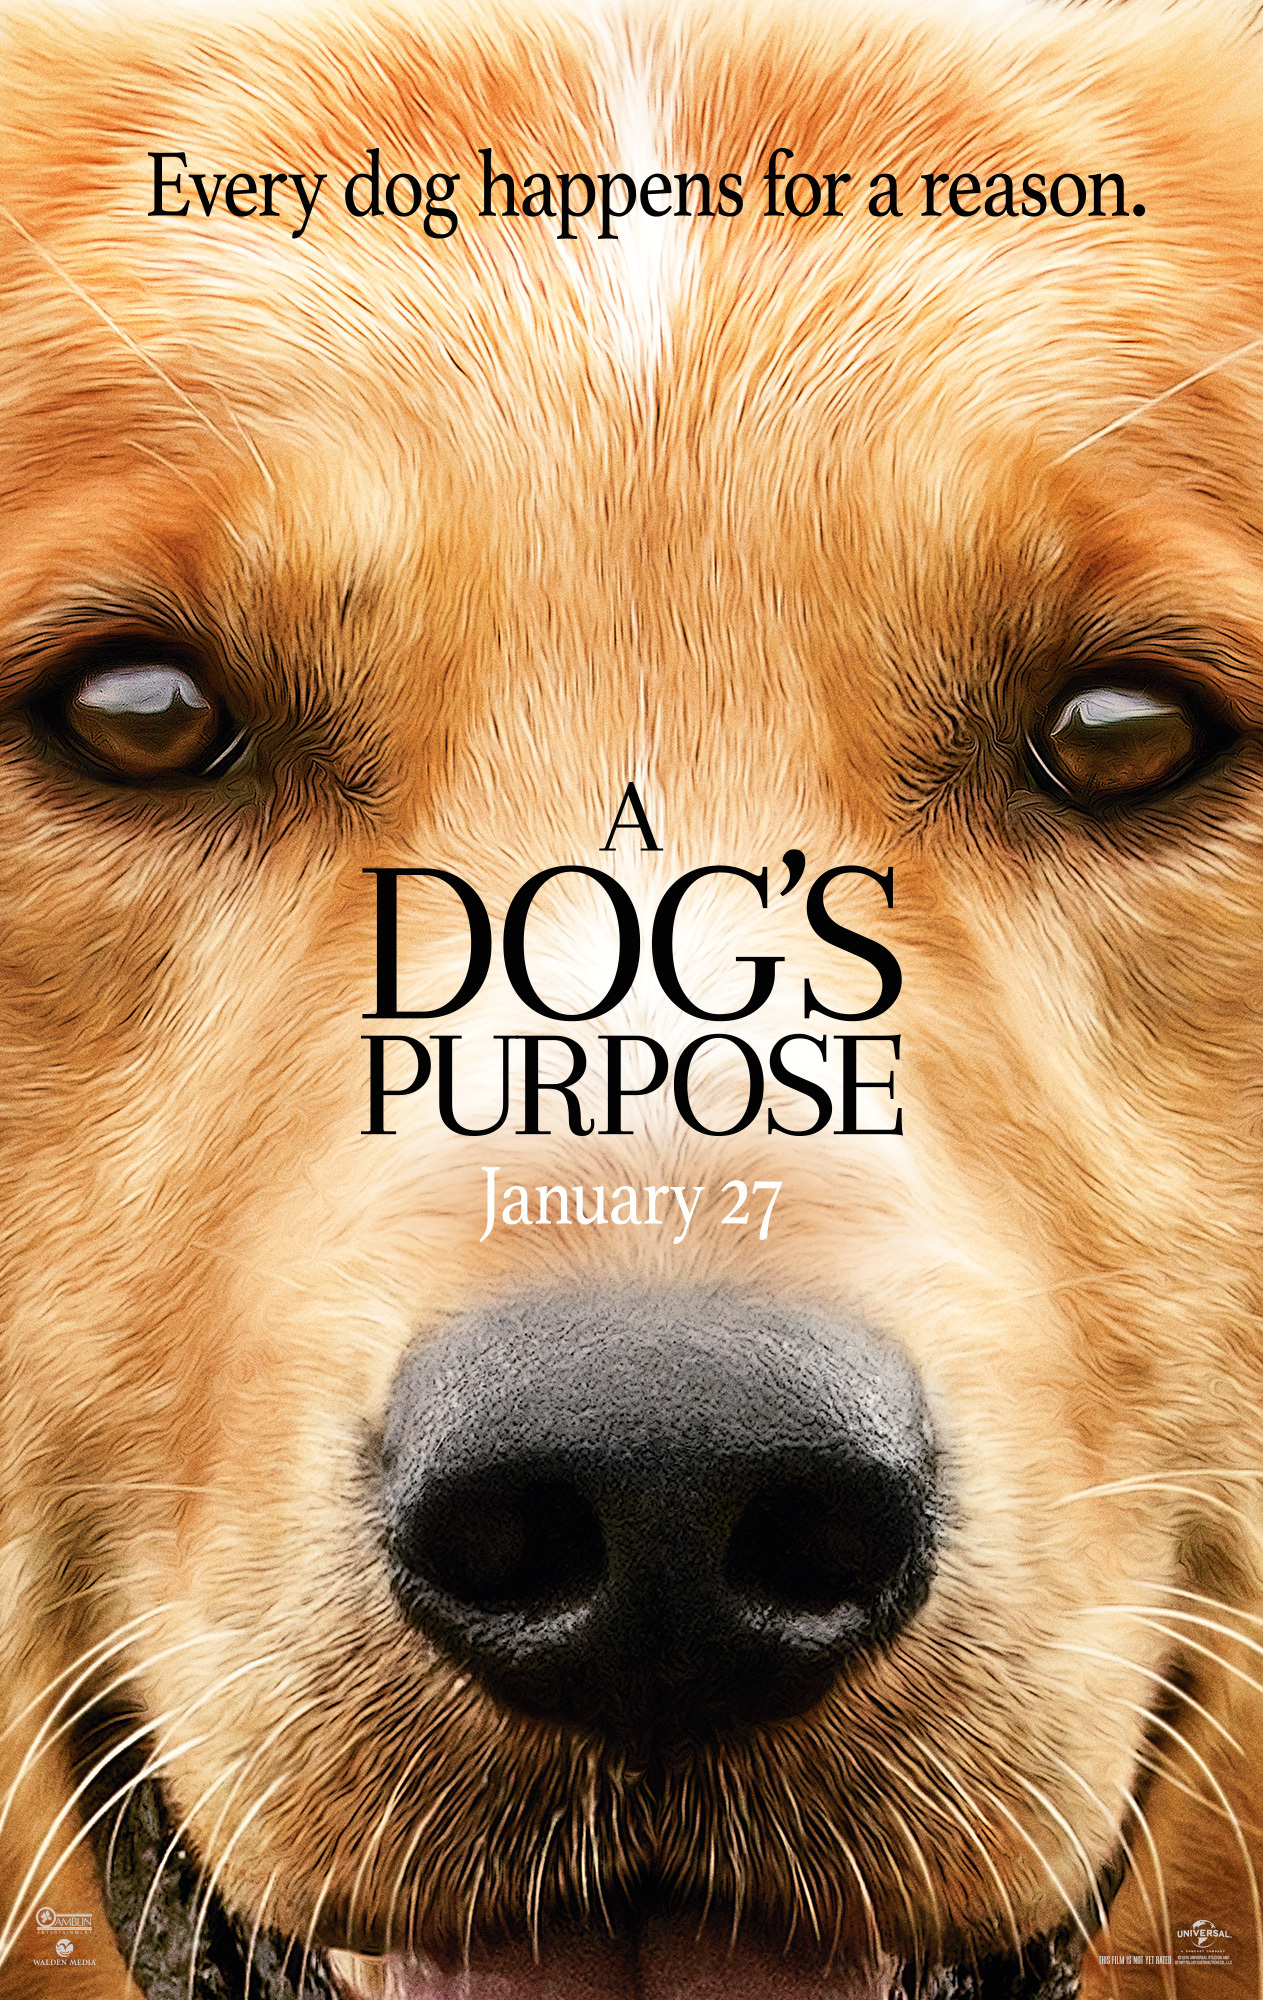 phim mục đích của chú chó